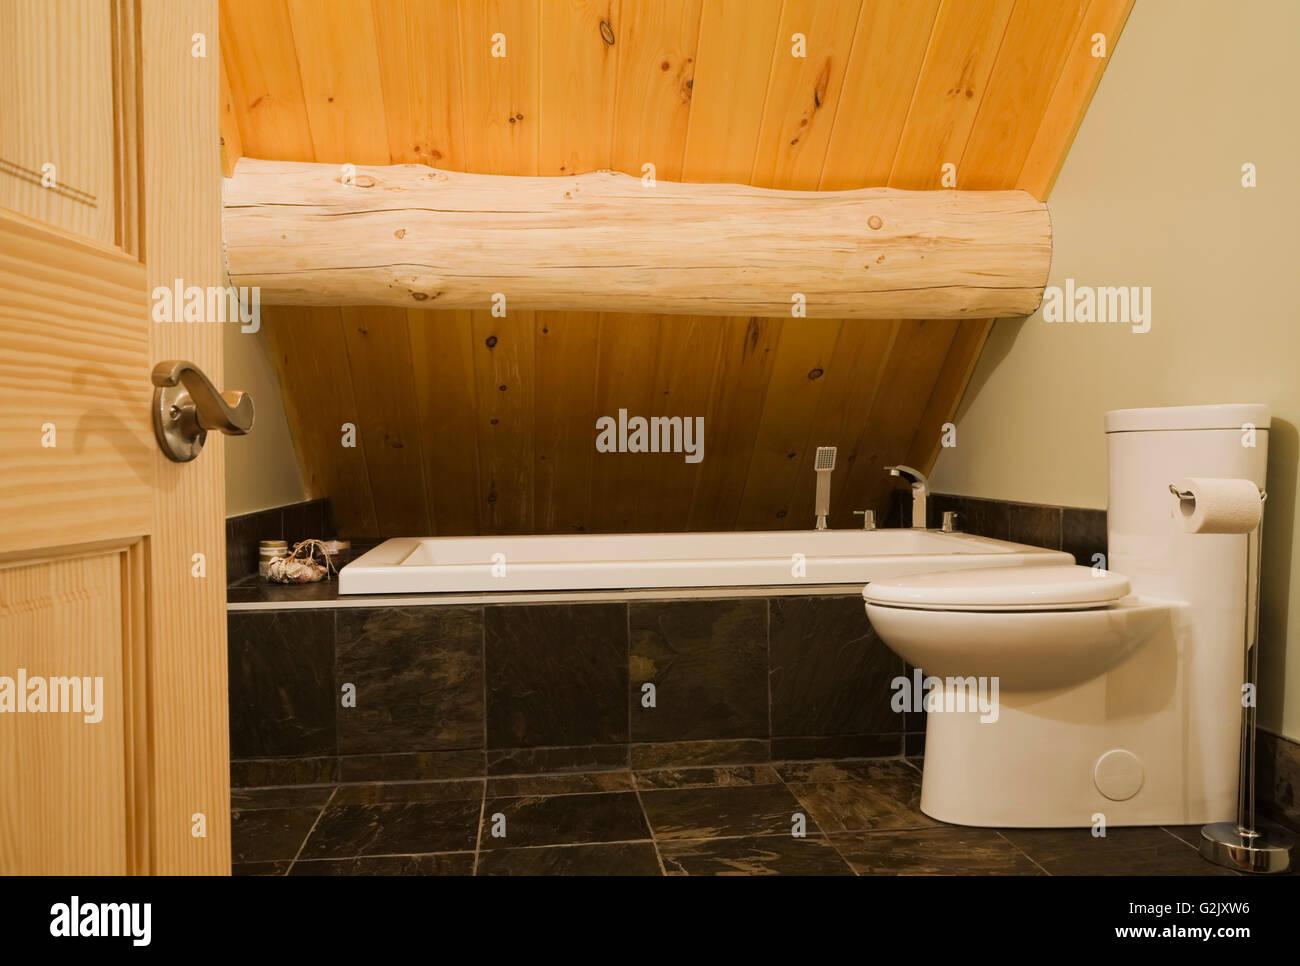 Porcelaine blanche toilettes baignoire dans salle de bains ...